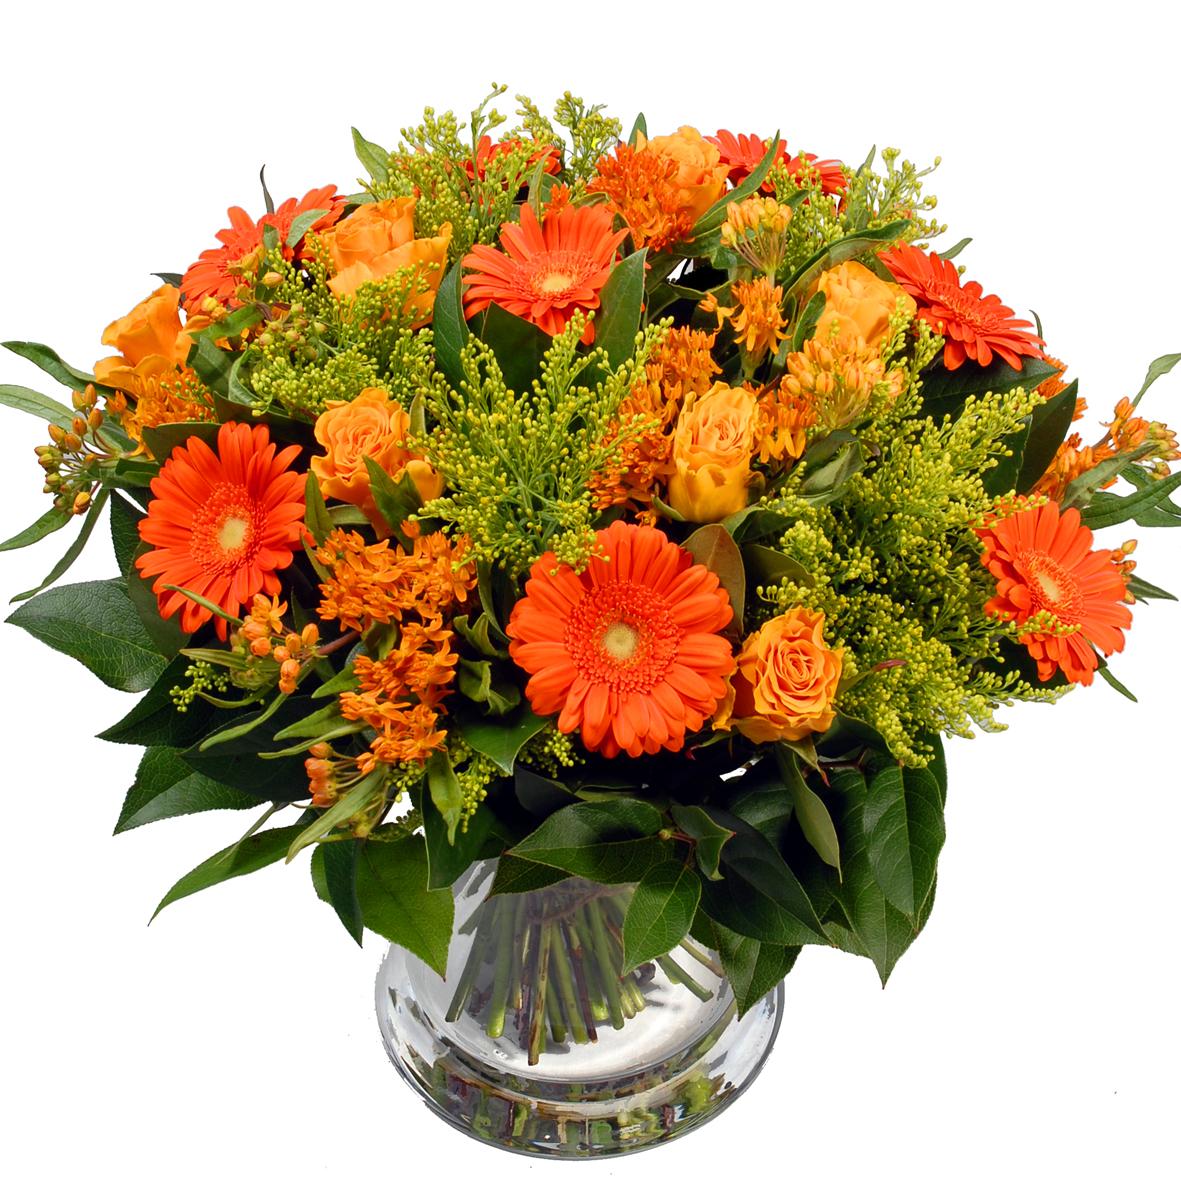 Bloemen boeket Oranje - Geel